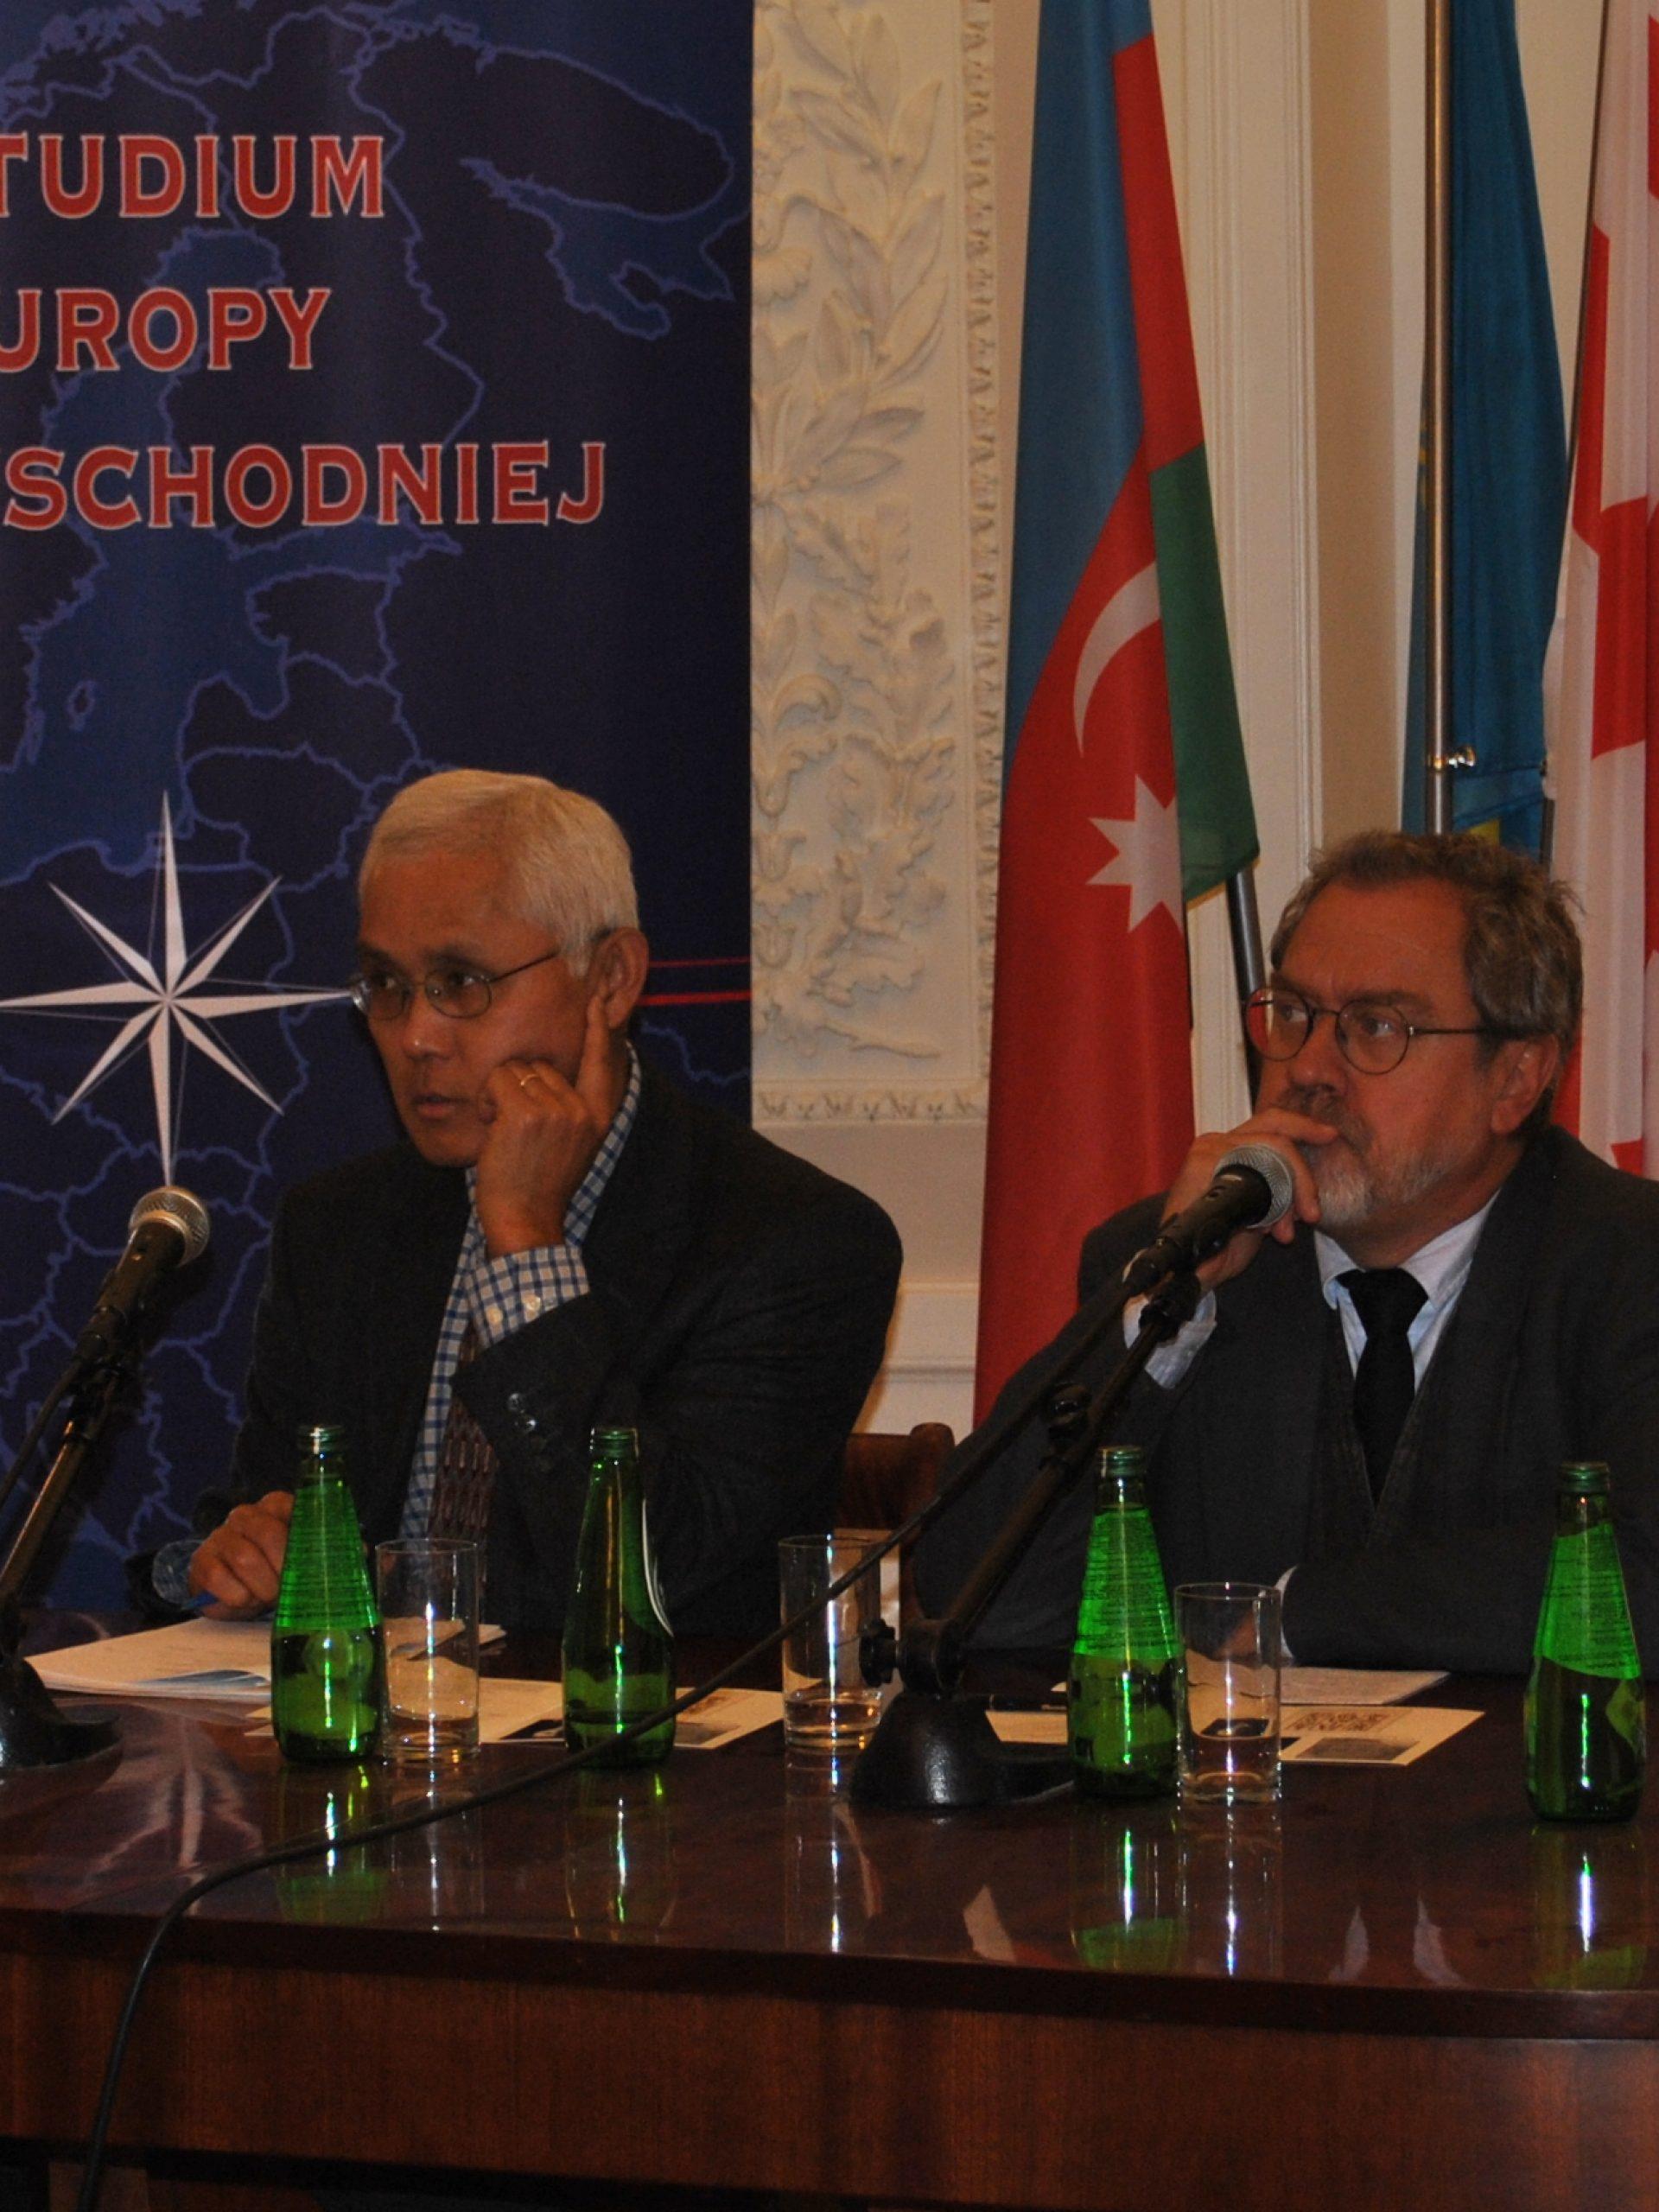 Konferencja prometejska 2014 r. Od lewej: prof. M. Kornat, prof. H. Kuromiya, prof. L. Zasztowt, dr P. Libera.